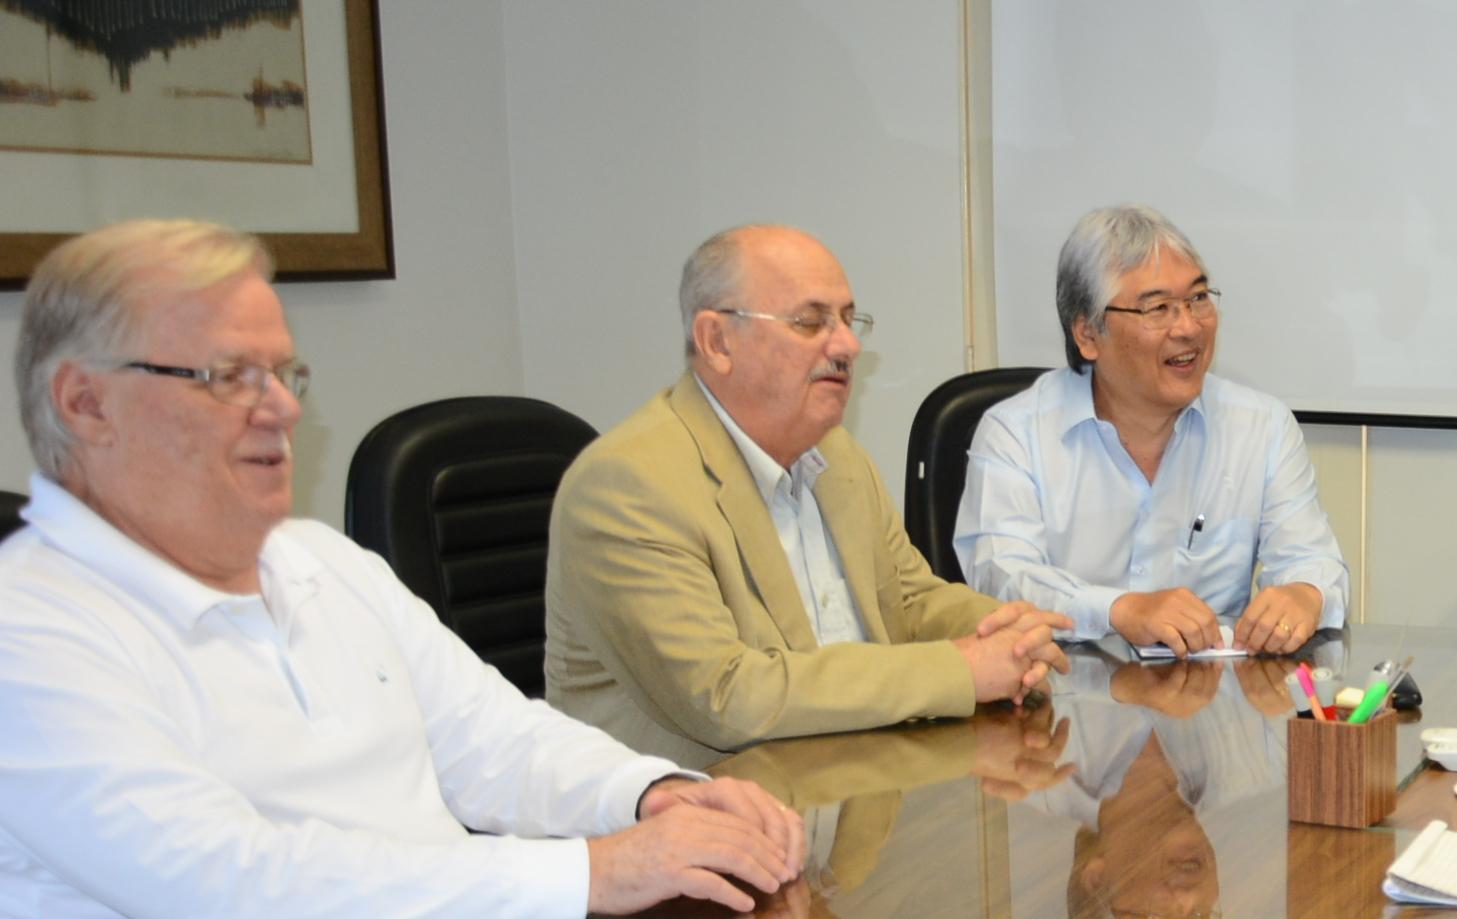 Contra dengue, diretores da cooperativa apresentaram uma proposta de parceria com a Prefeitura